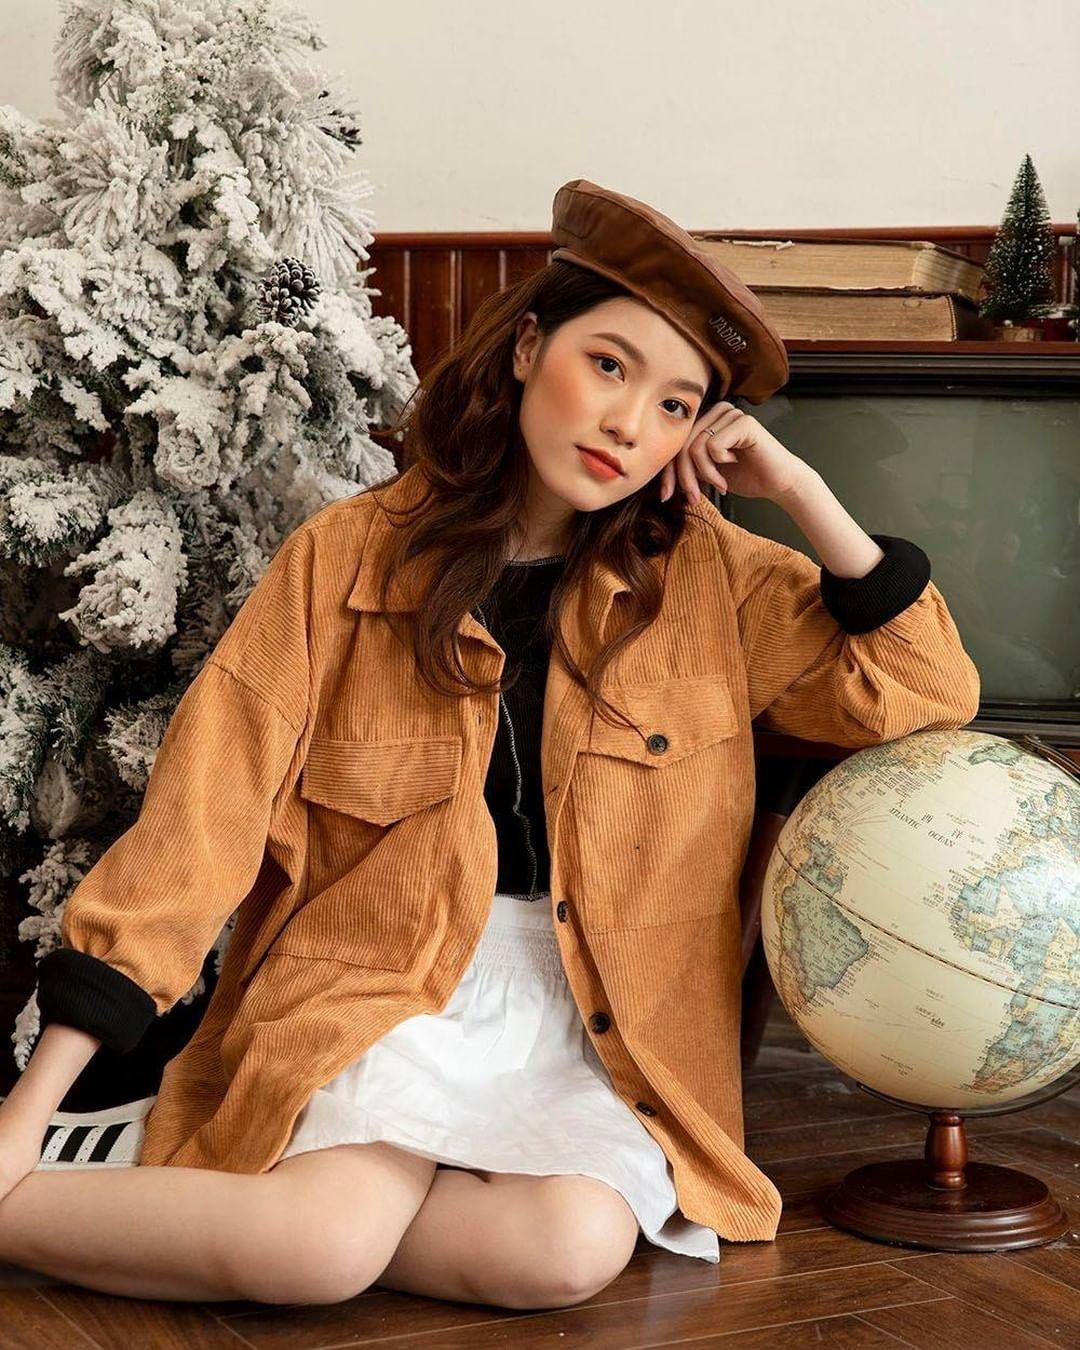 Sài Gòn lạnh rồi, sắm ngay áo khoác trendy từ 400k - Ảnh 3.